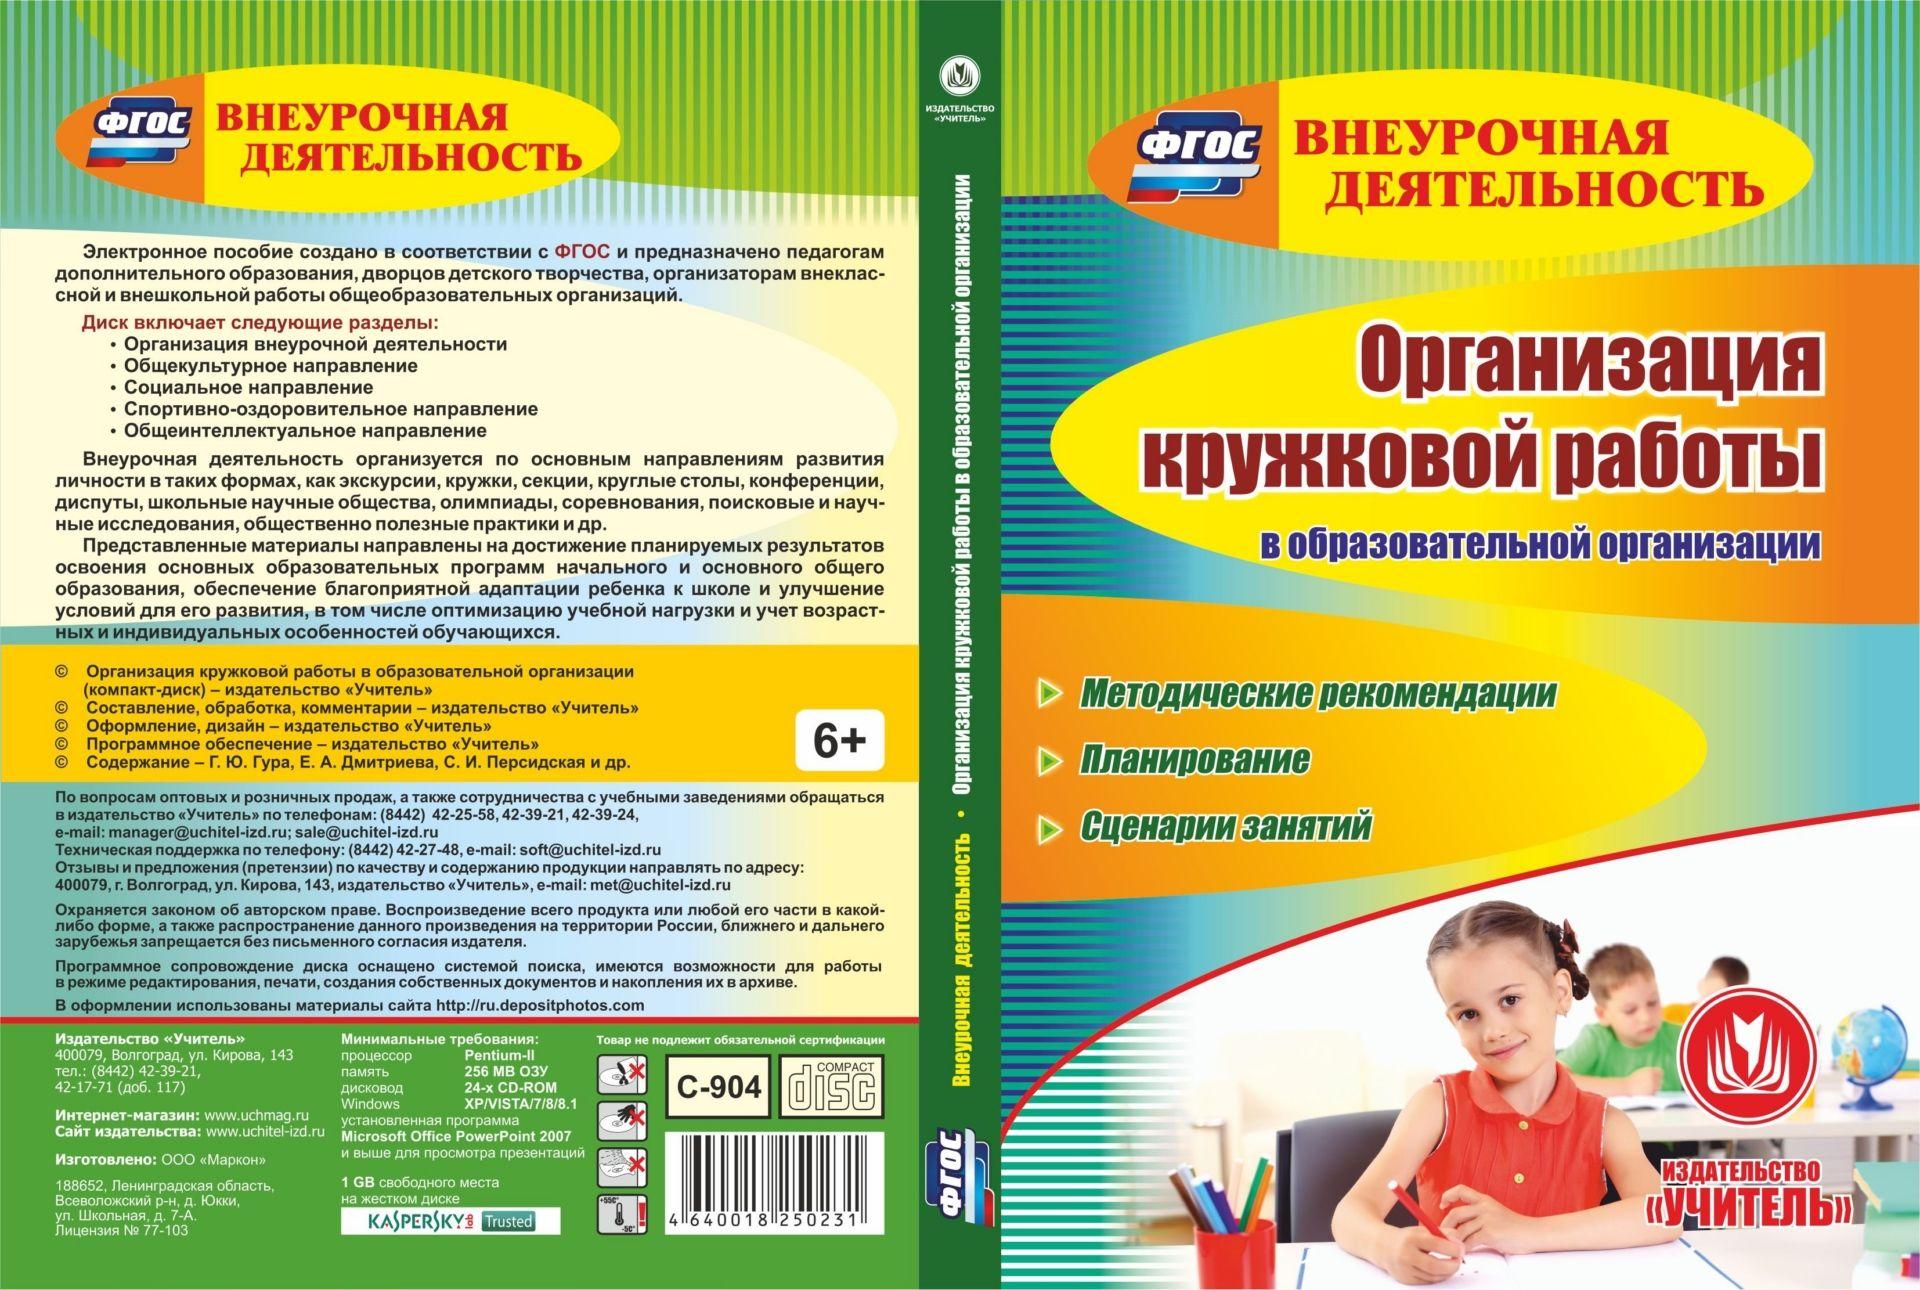 Организация кружковой работы в образовательной организации. Компакт-диск для компьютера: Методические рекомендации. Планирование. Сценарии занятий